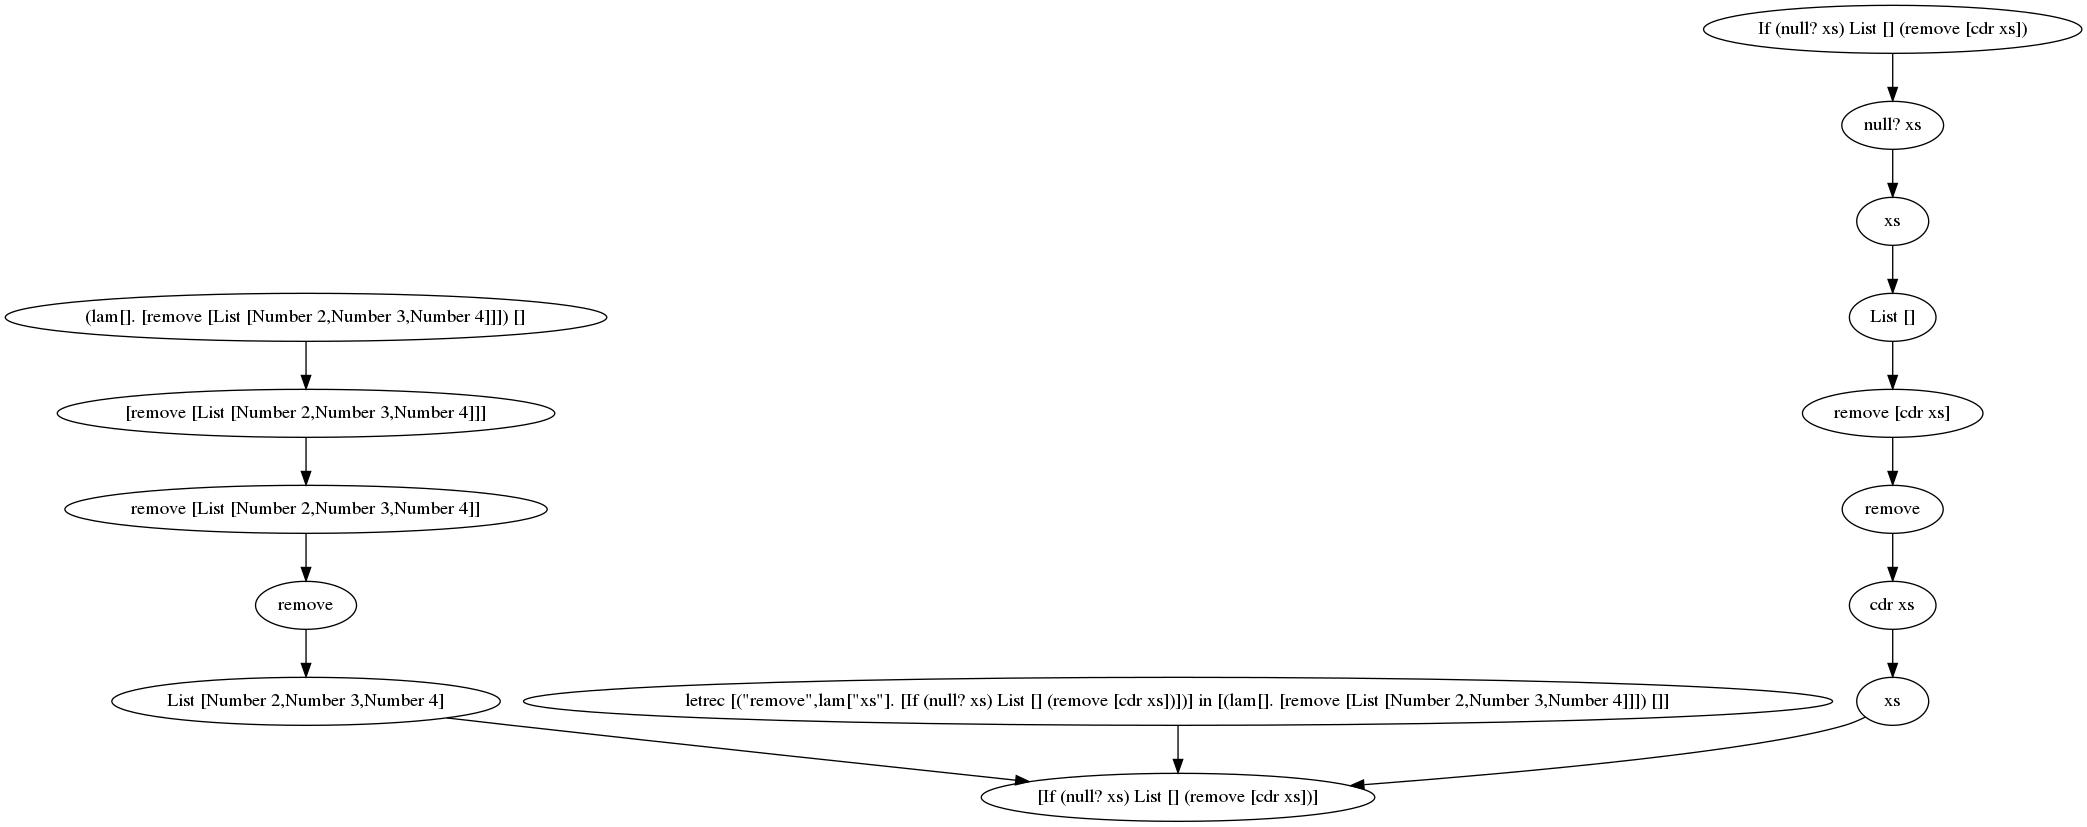 scheme/graph_files/test_rec_empty.png